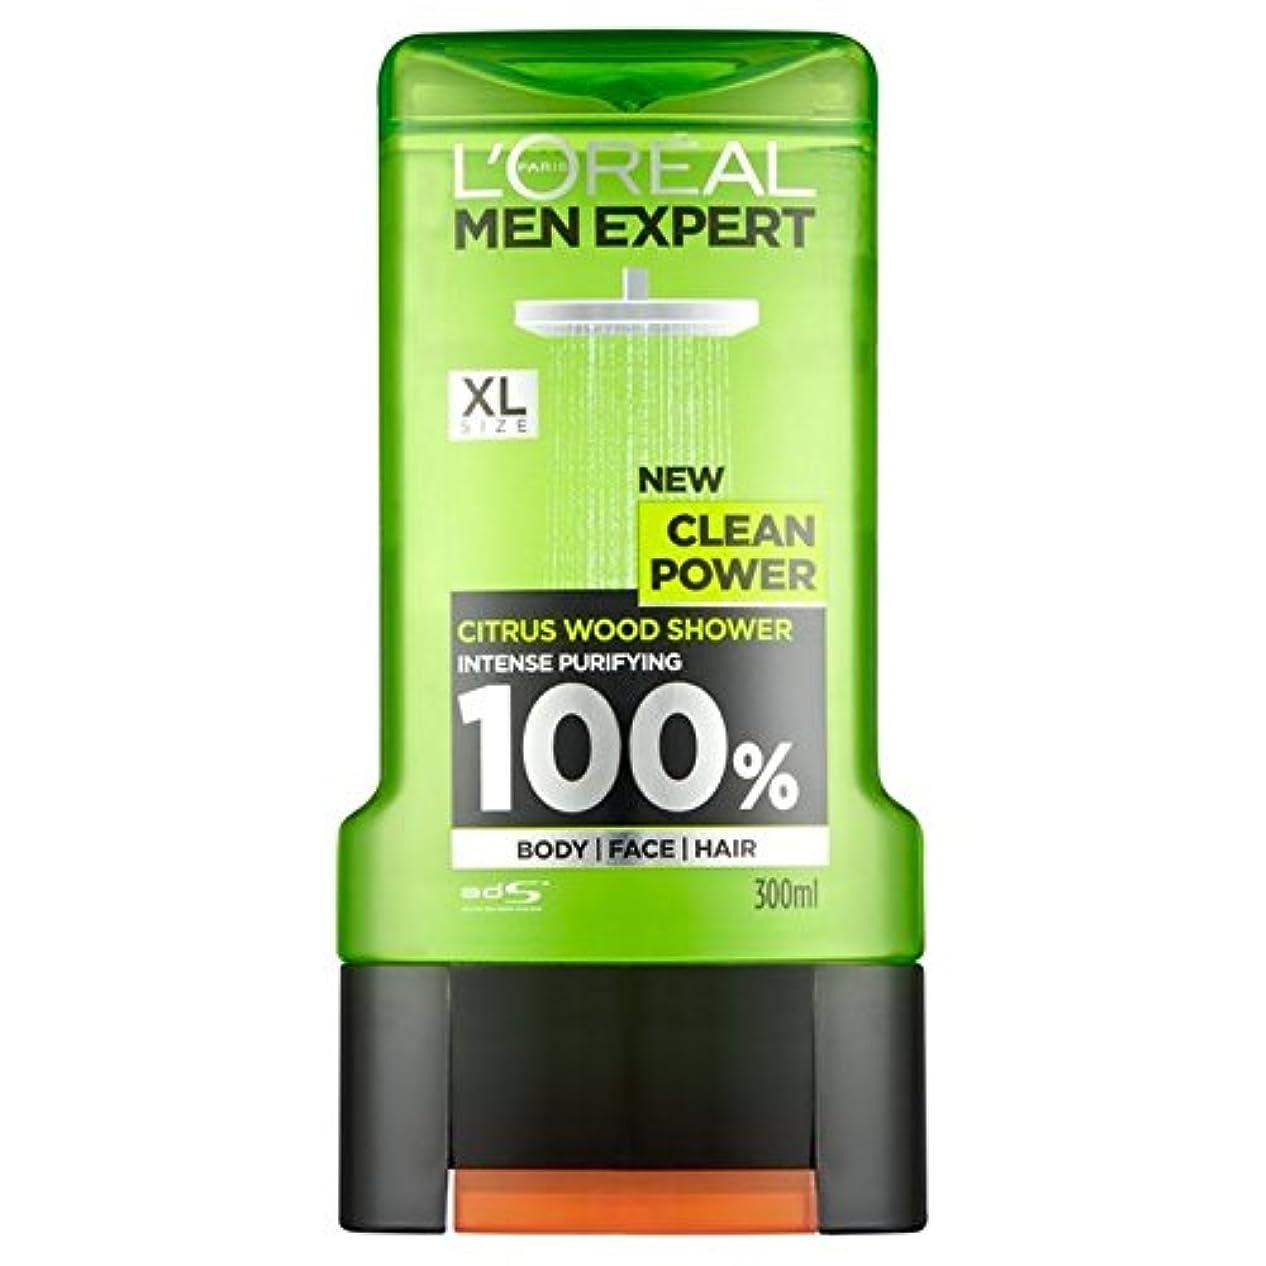 好色なマーカーレルムL'Oreal Paris Men Expert Clean Power Shower Gel 300ml (Pack of 6) - ロレアルパリの男性の専門家クリーンパワーシャワージェル300ミリリットル x6 [並行輸入品]